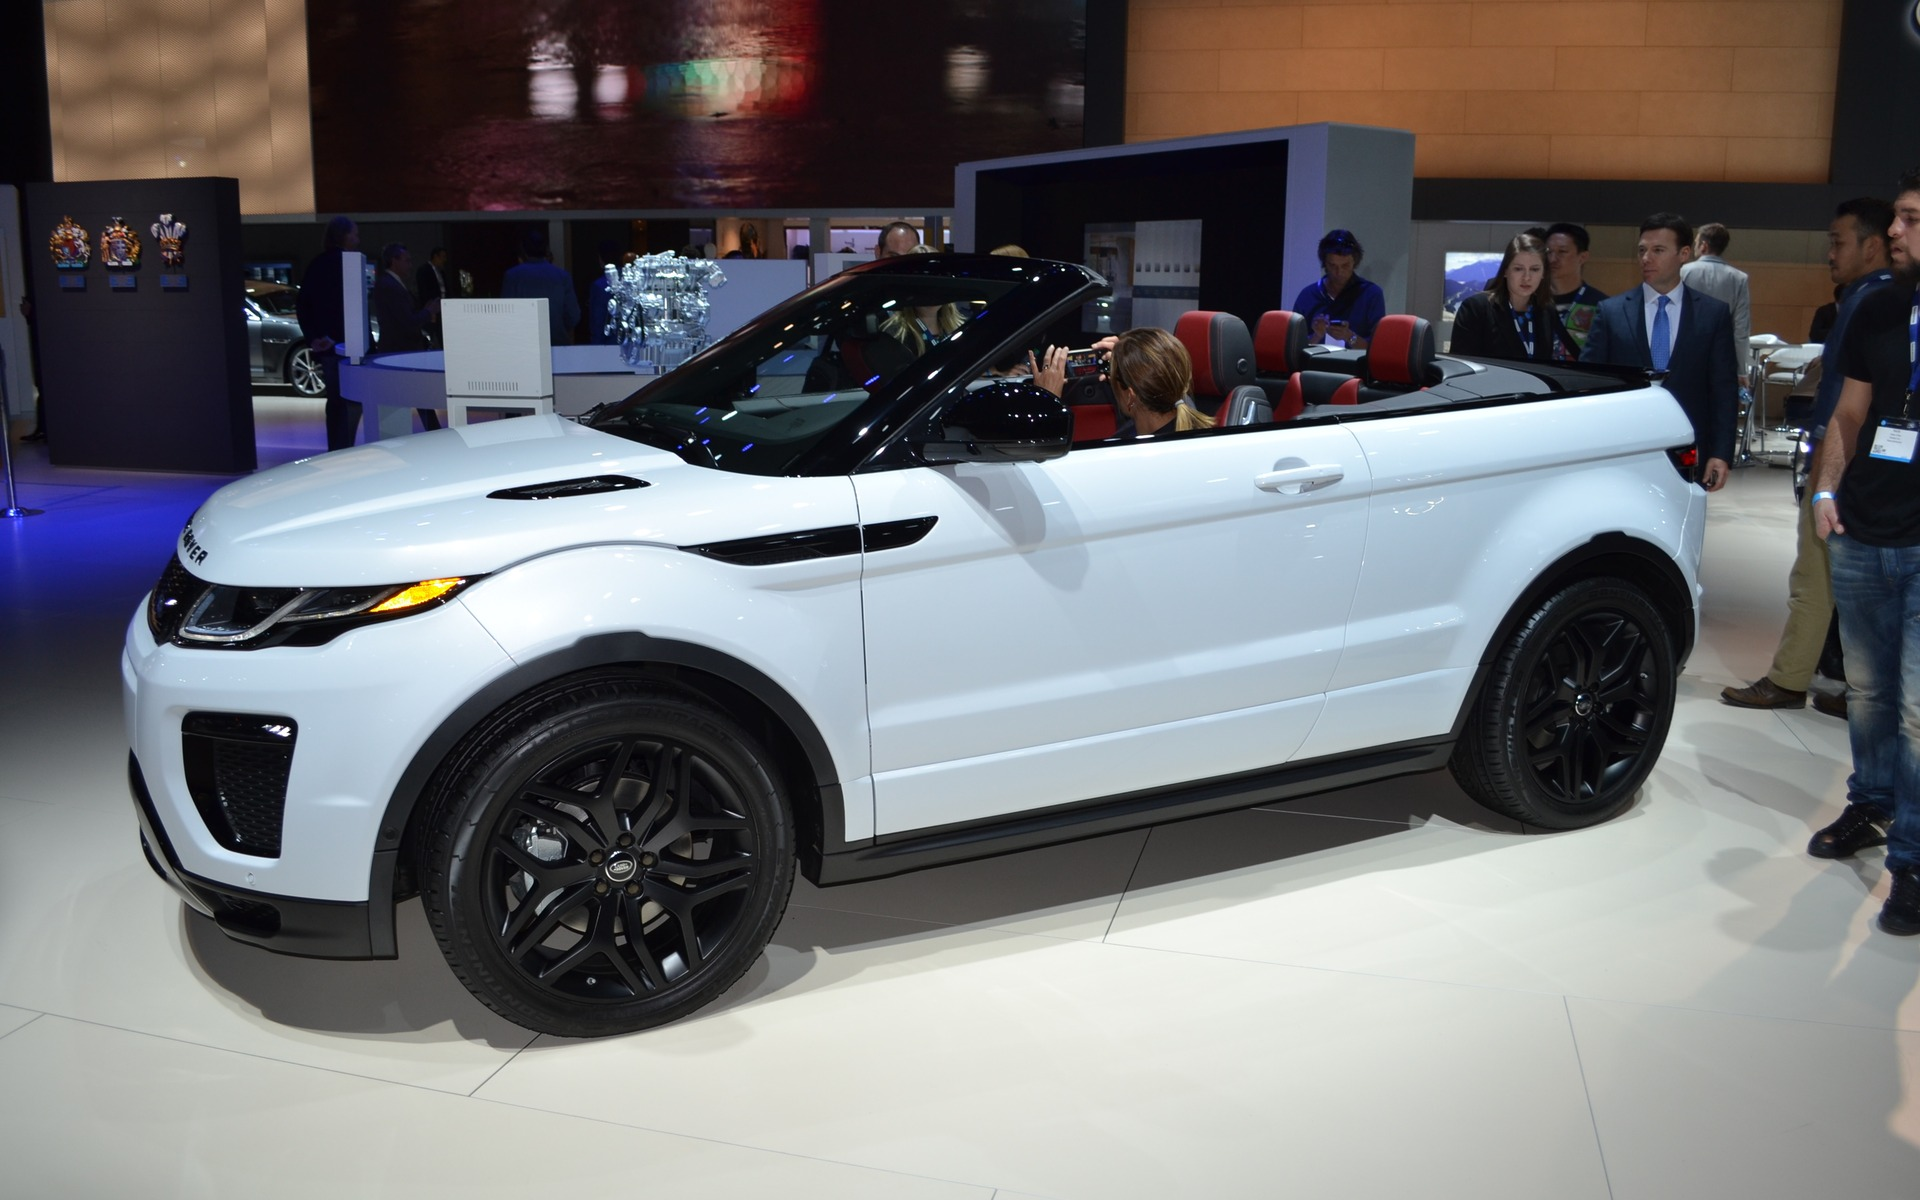 le range rover evoque d capotable pr t pour son d voilement guide auto. Black Bedroom Furniture Sets. Home Design Ideas